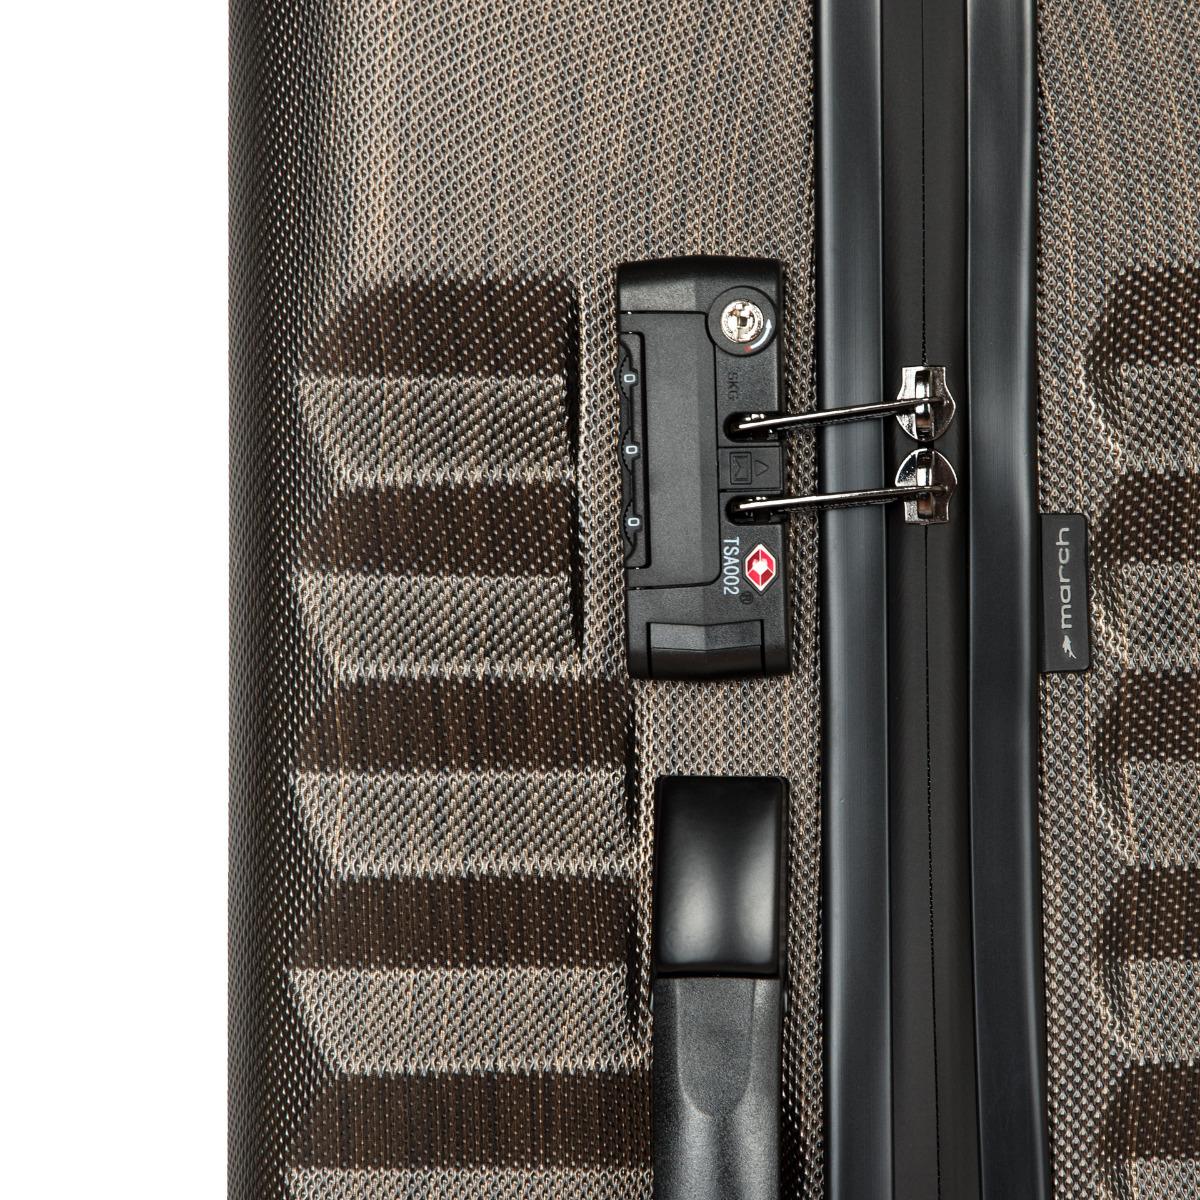 March Ribbon SE L Bronze brushed Elegantní kufr ze speciální edice March Ribbon vám nikde neudělá ostudu.  odlehčený pojízdný systém čtyř dvoukoleček otočných v 360° hliníková výsuvná rukojeť s aretačním tlačítkem voděodolné zipy TSA zámek umožňující bezpečné uzamknutí kufru dvoustranně řešený interiér s kapsou na zip diamantová povrchová úprava snižující riziko oděru a poškrábání pětiletá záruka